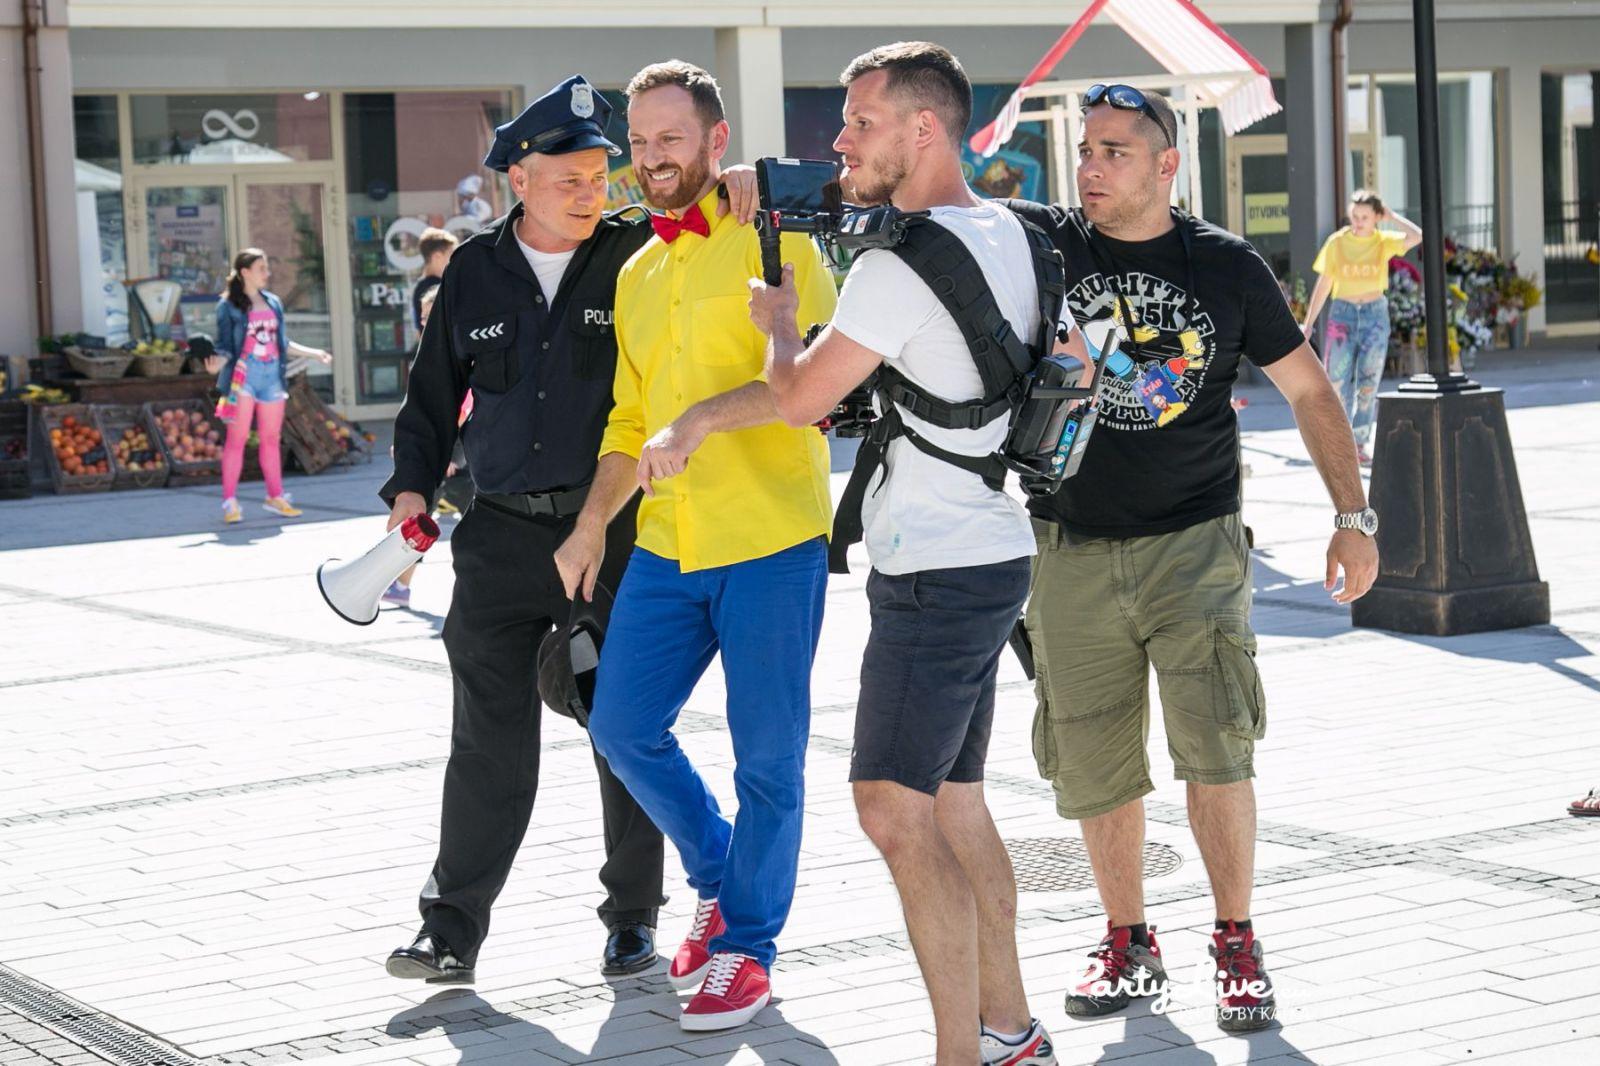 Miro Jaroš: Ročne musím odmietnuť 90 % koncertov, fejkový kokaín na fotke bola chyba (Rozhovor)